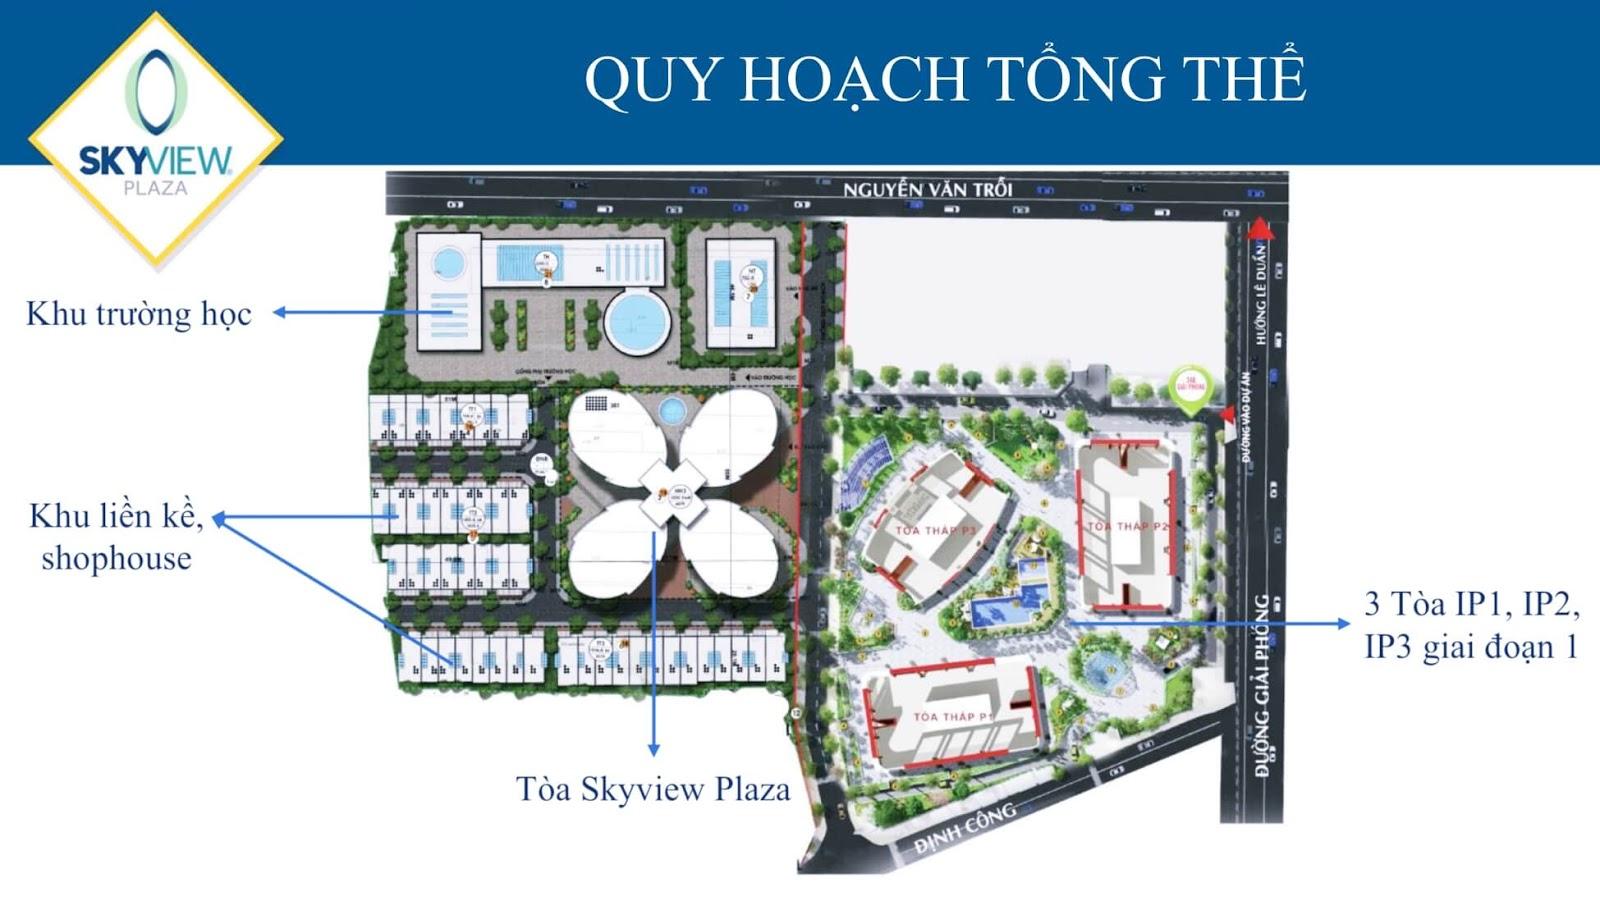 Quy hoạch tổng thể dự án Imperial Plaza